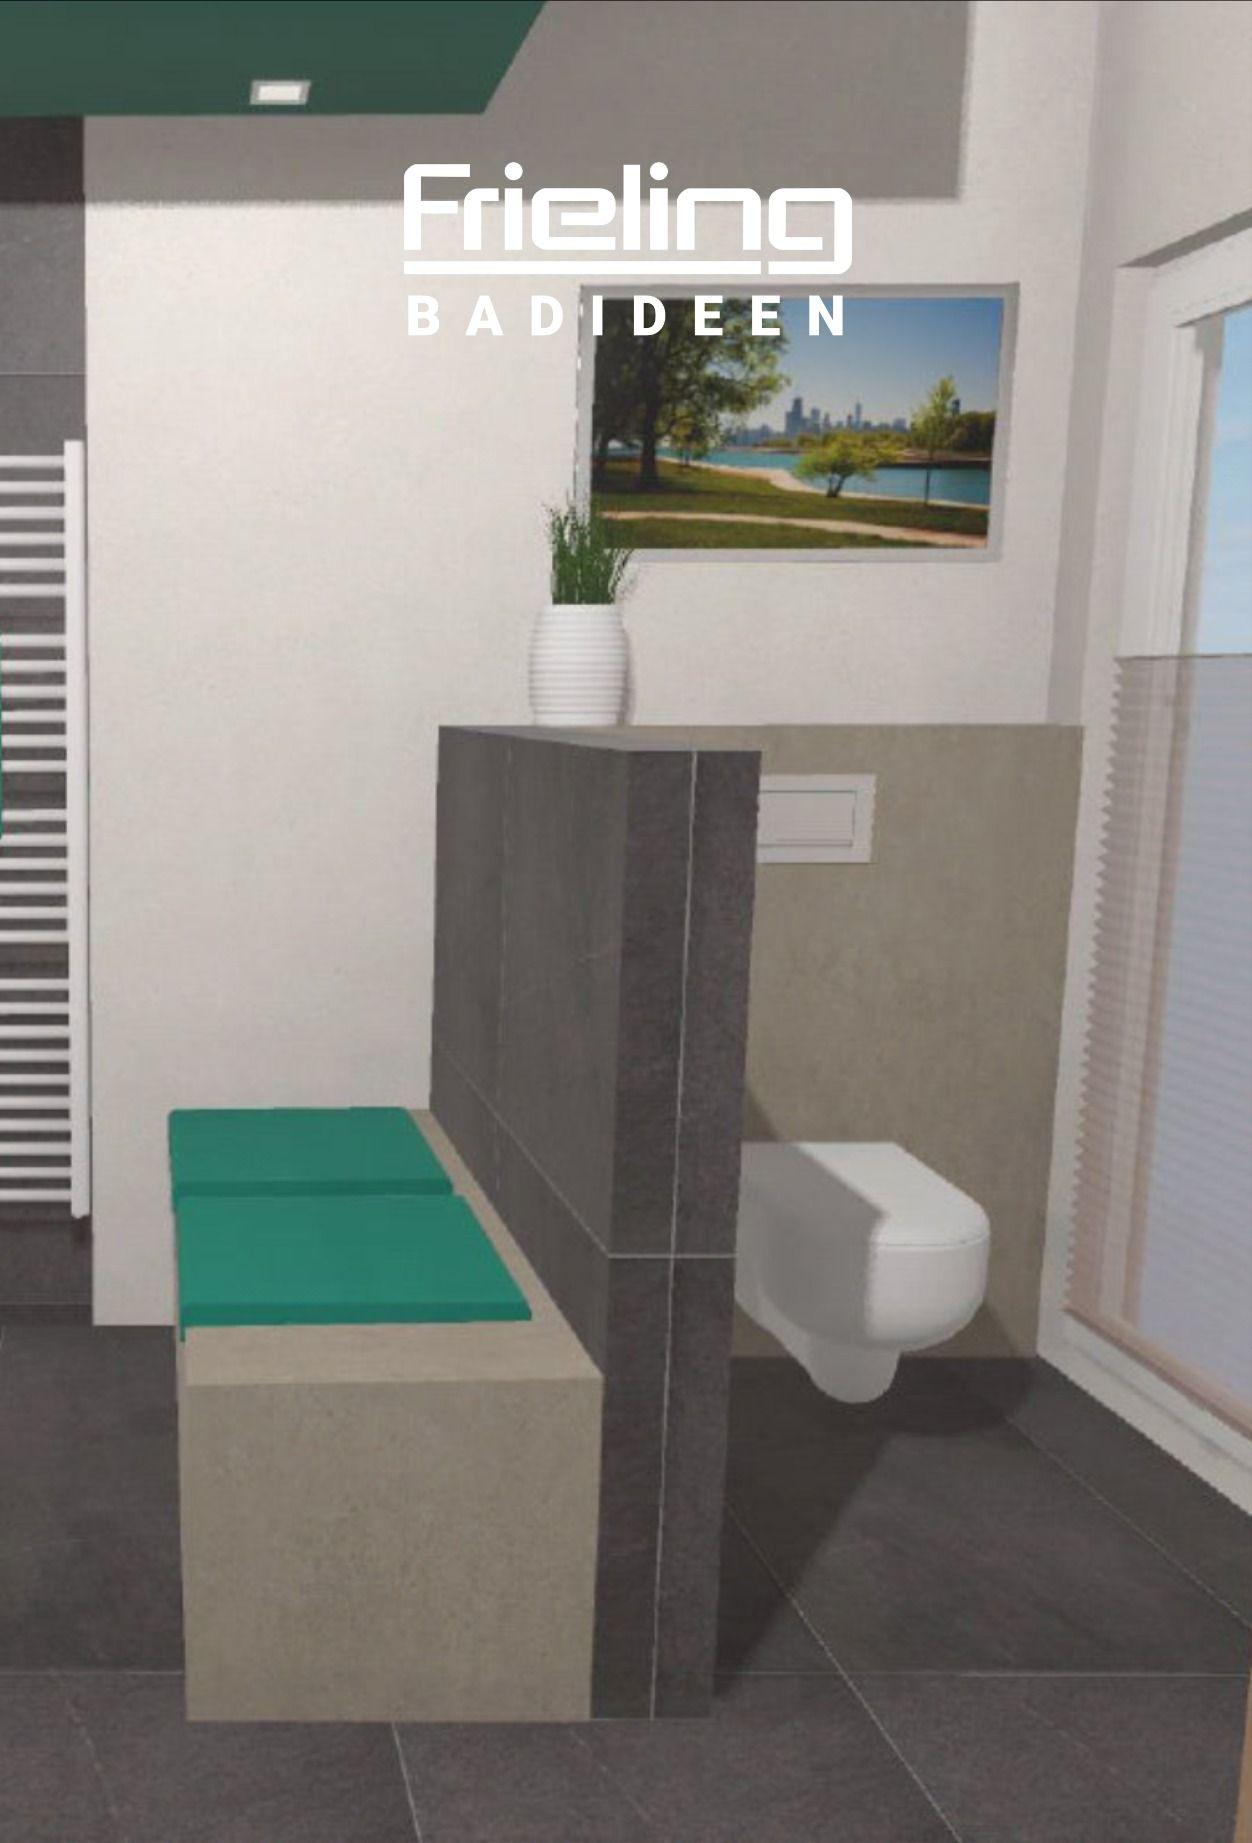 Abtrennung Als Sichtschutz Sitzbank Im Badezimmer Aufteilung In Bereiche Nischennutzung In 2020 Badezimmer T Wand Sitzbank Bad Duschnische